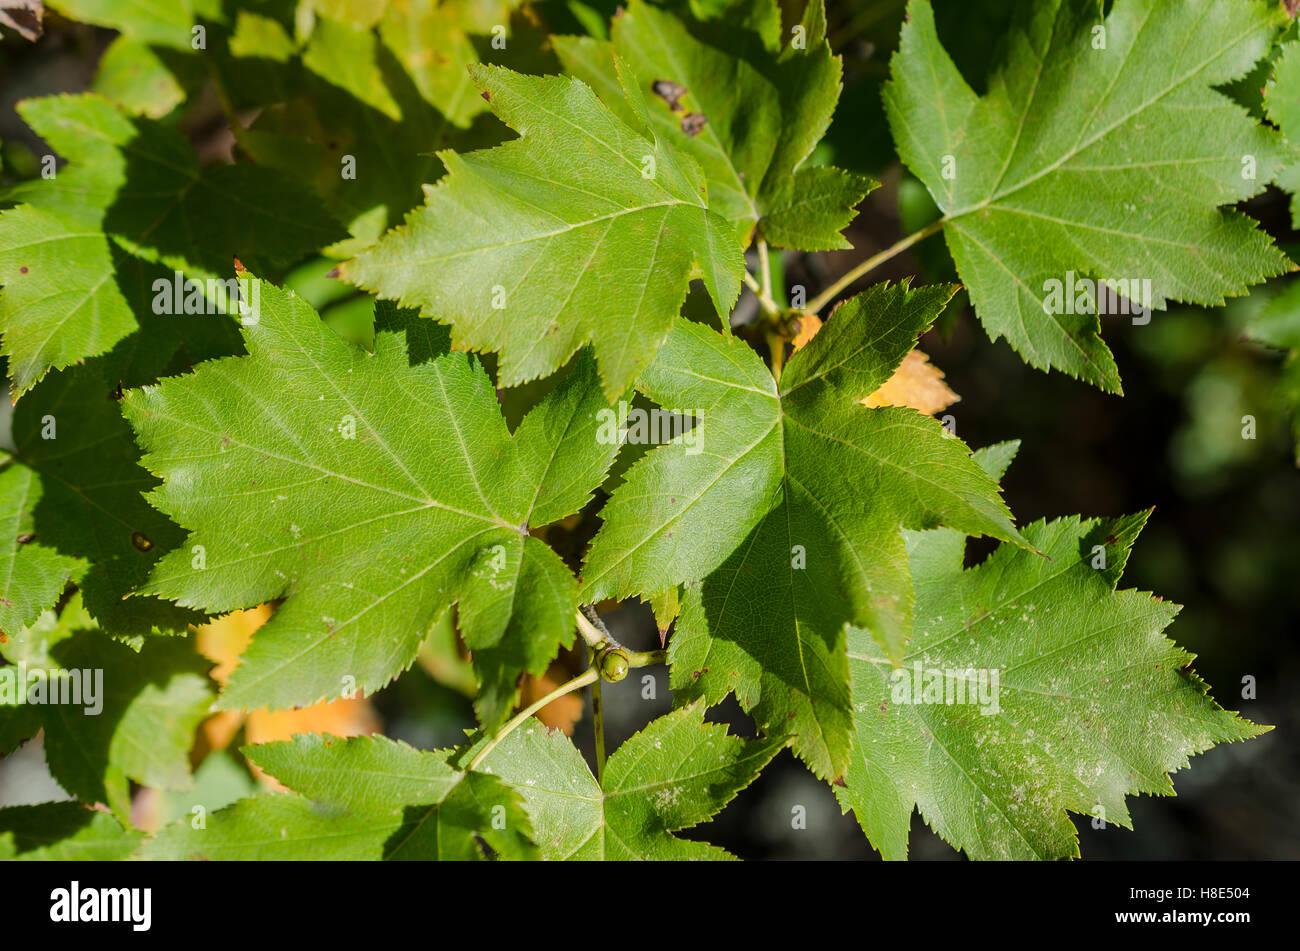 Erable champêtre, Forêt de Sainte Baume, Var, France - Stock Image